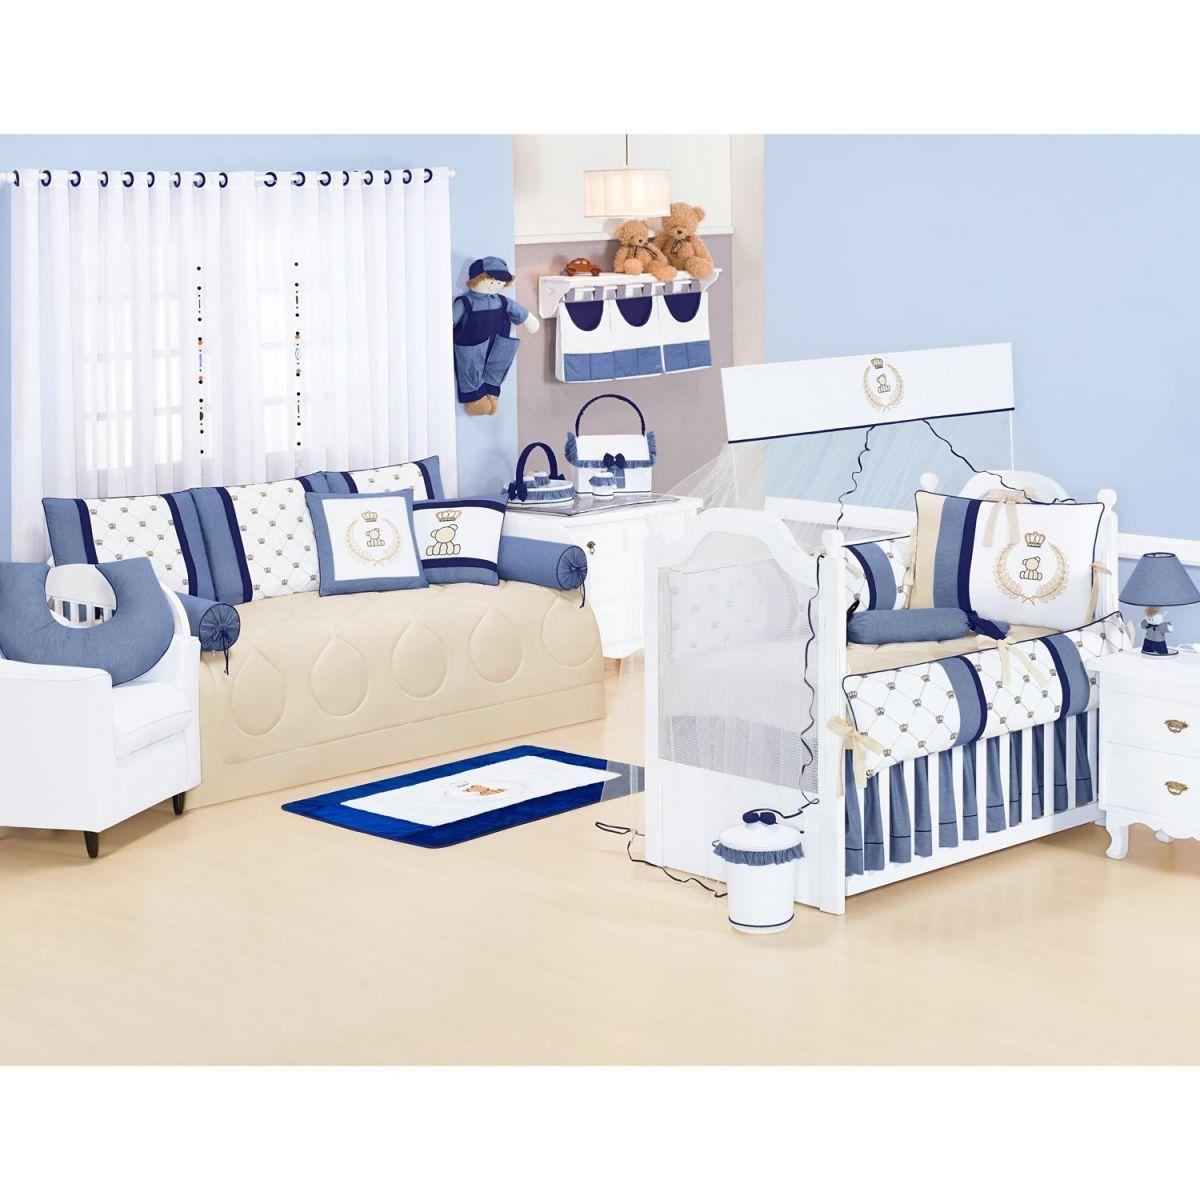 Farmacinha Enfeitada p/ Quarto de Bebê - Coleção Classic Marinho